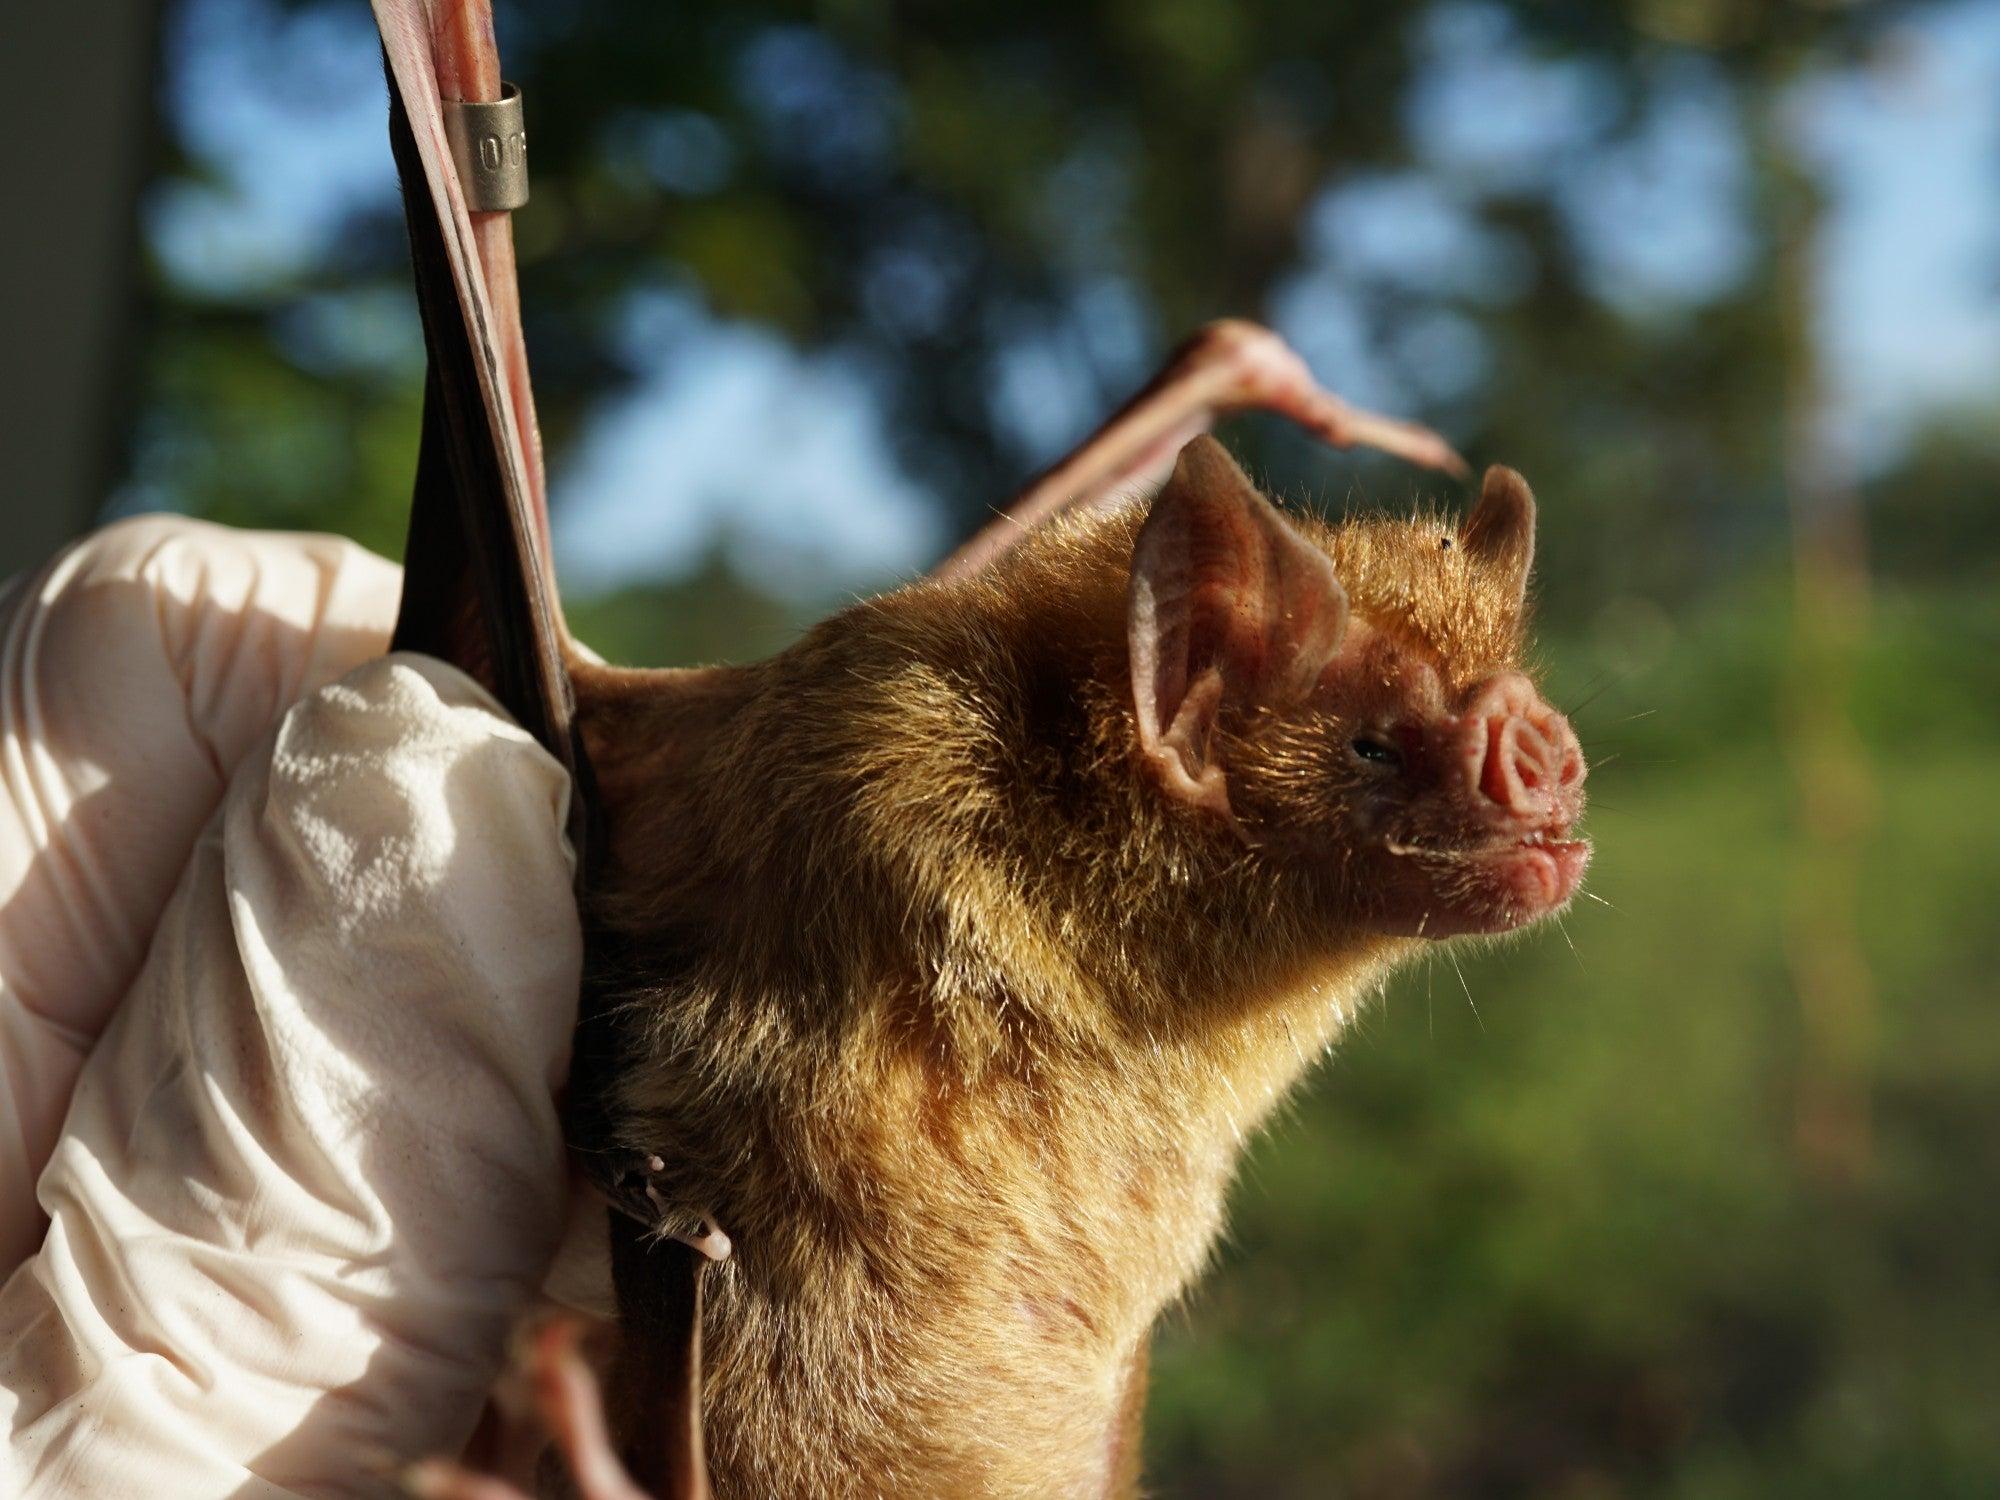 A human hand holds a light brown vampire bat.